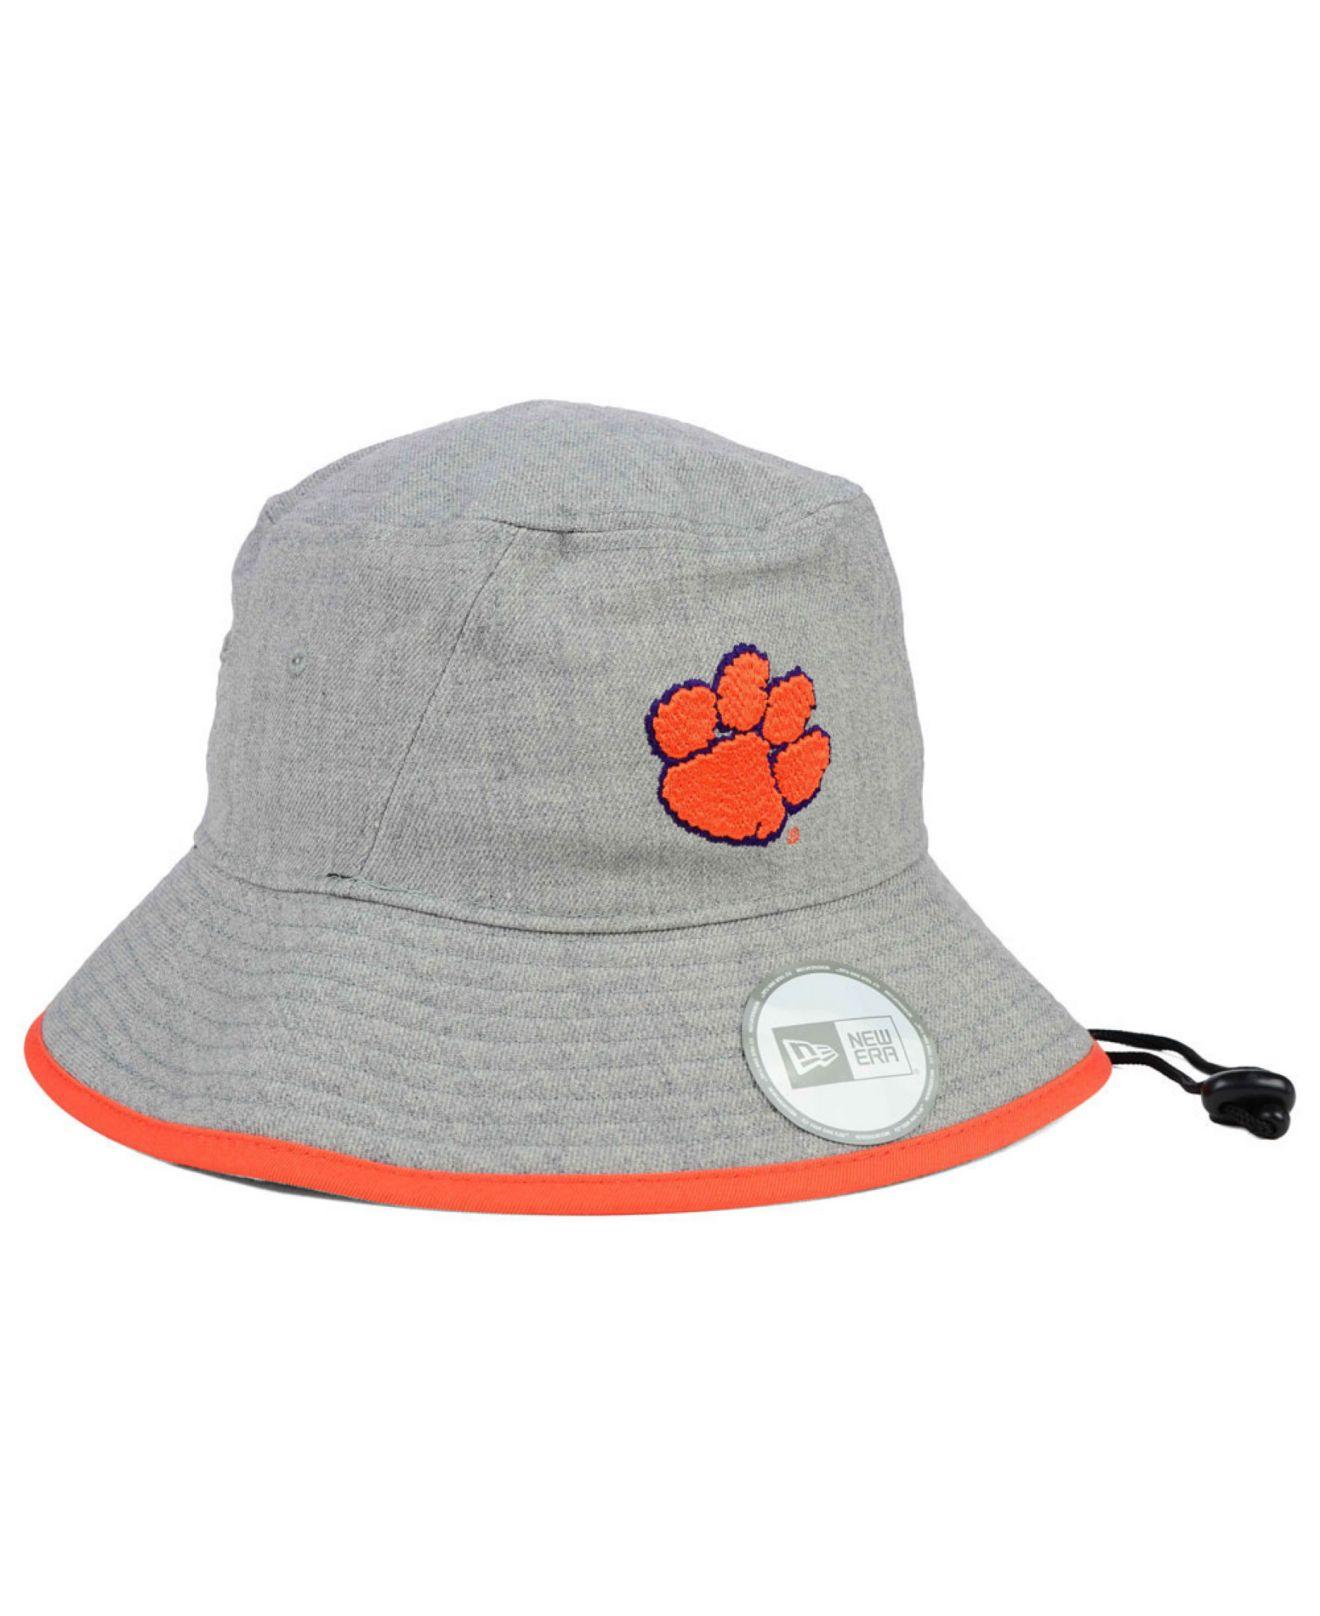 c6b5f2bdbd1 ... ireland good lyst ktz clemson tigers tip bucket hat in orange for men  392a2 ef8c1 ee90d